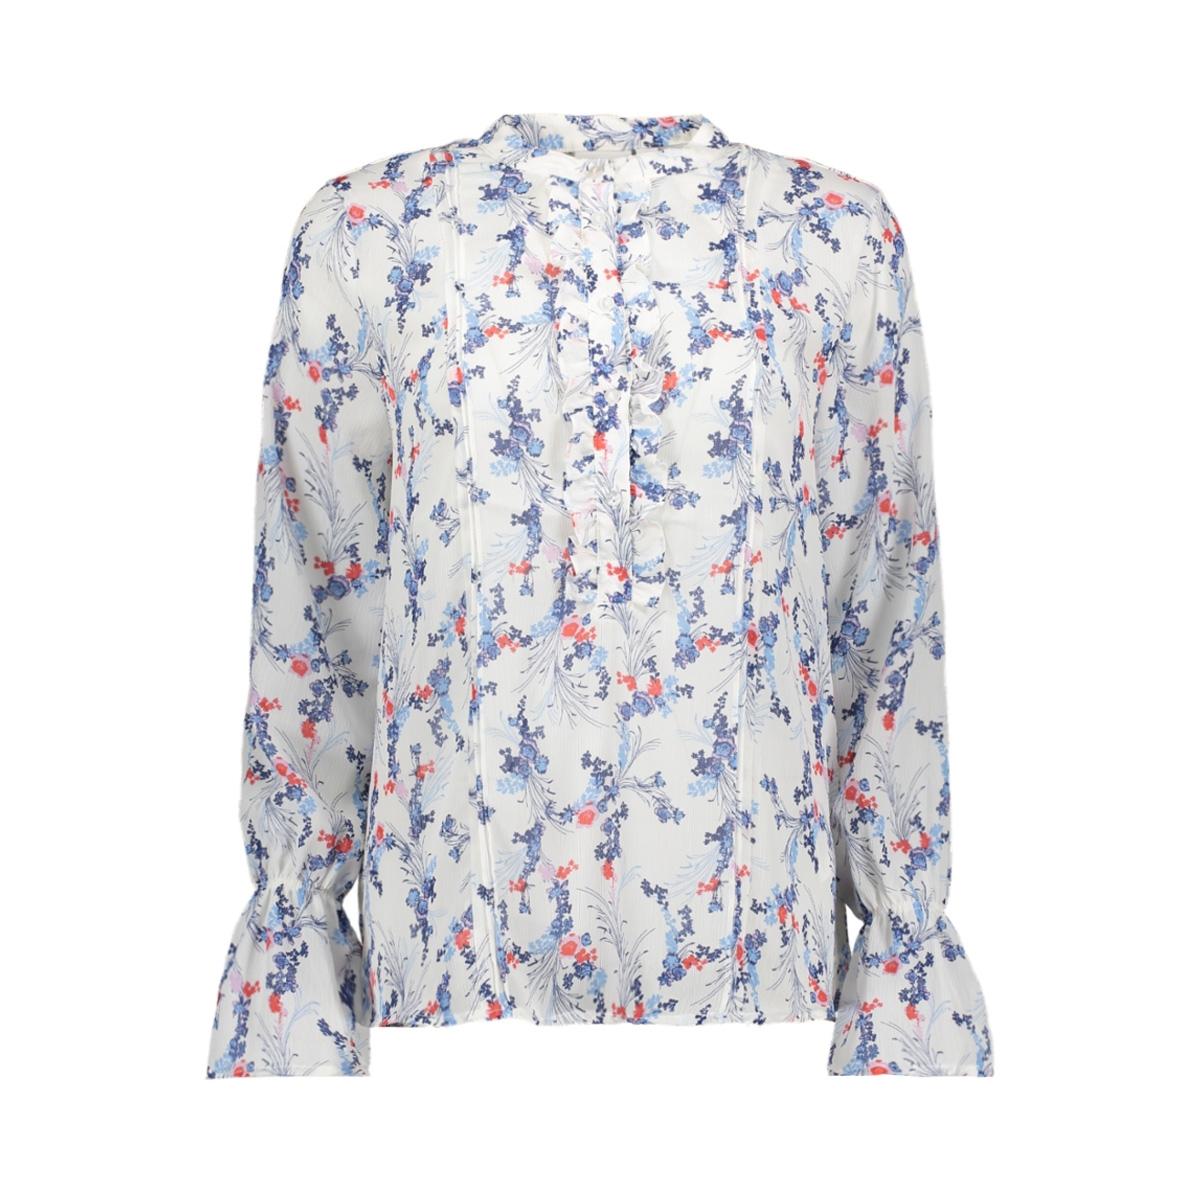 t1321 spring love saint tropez blouse 1053